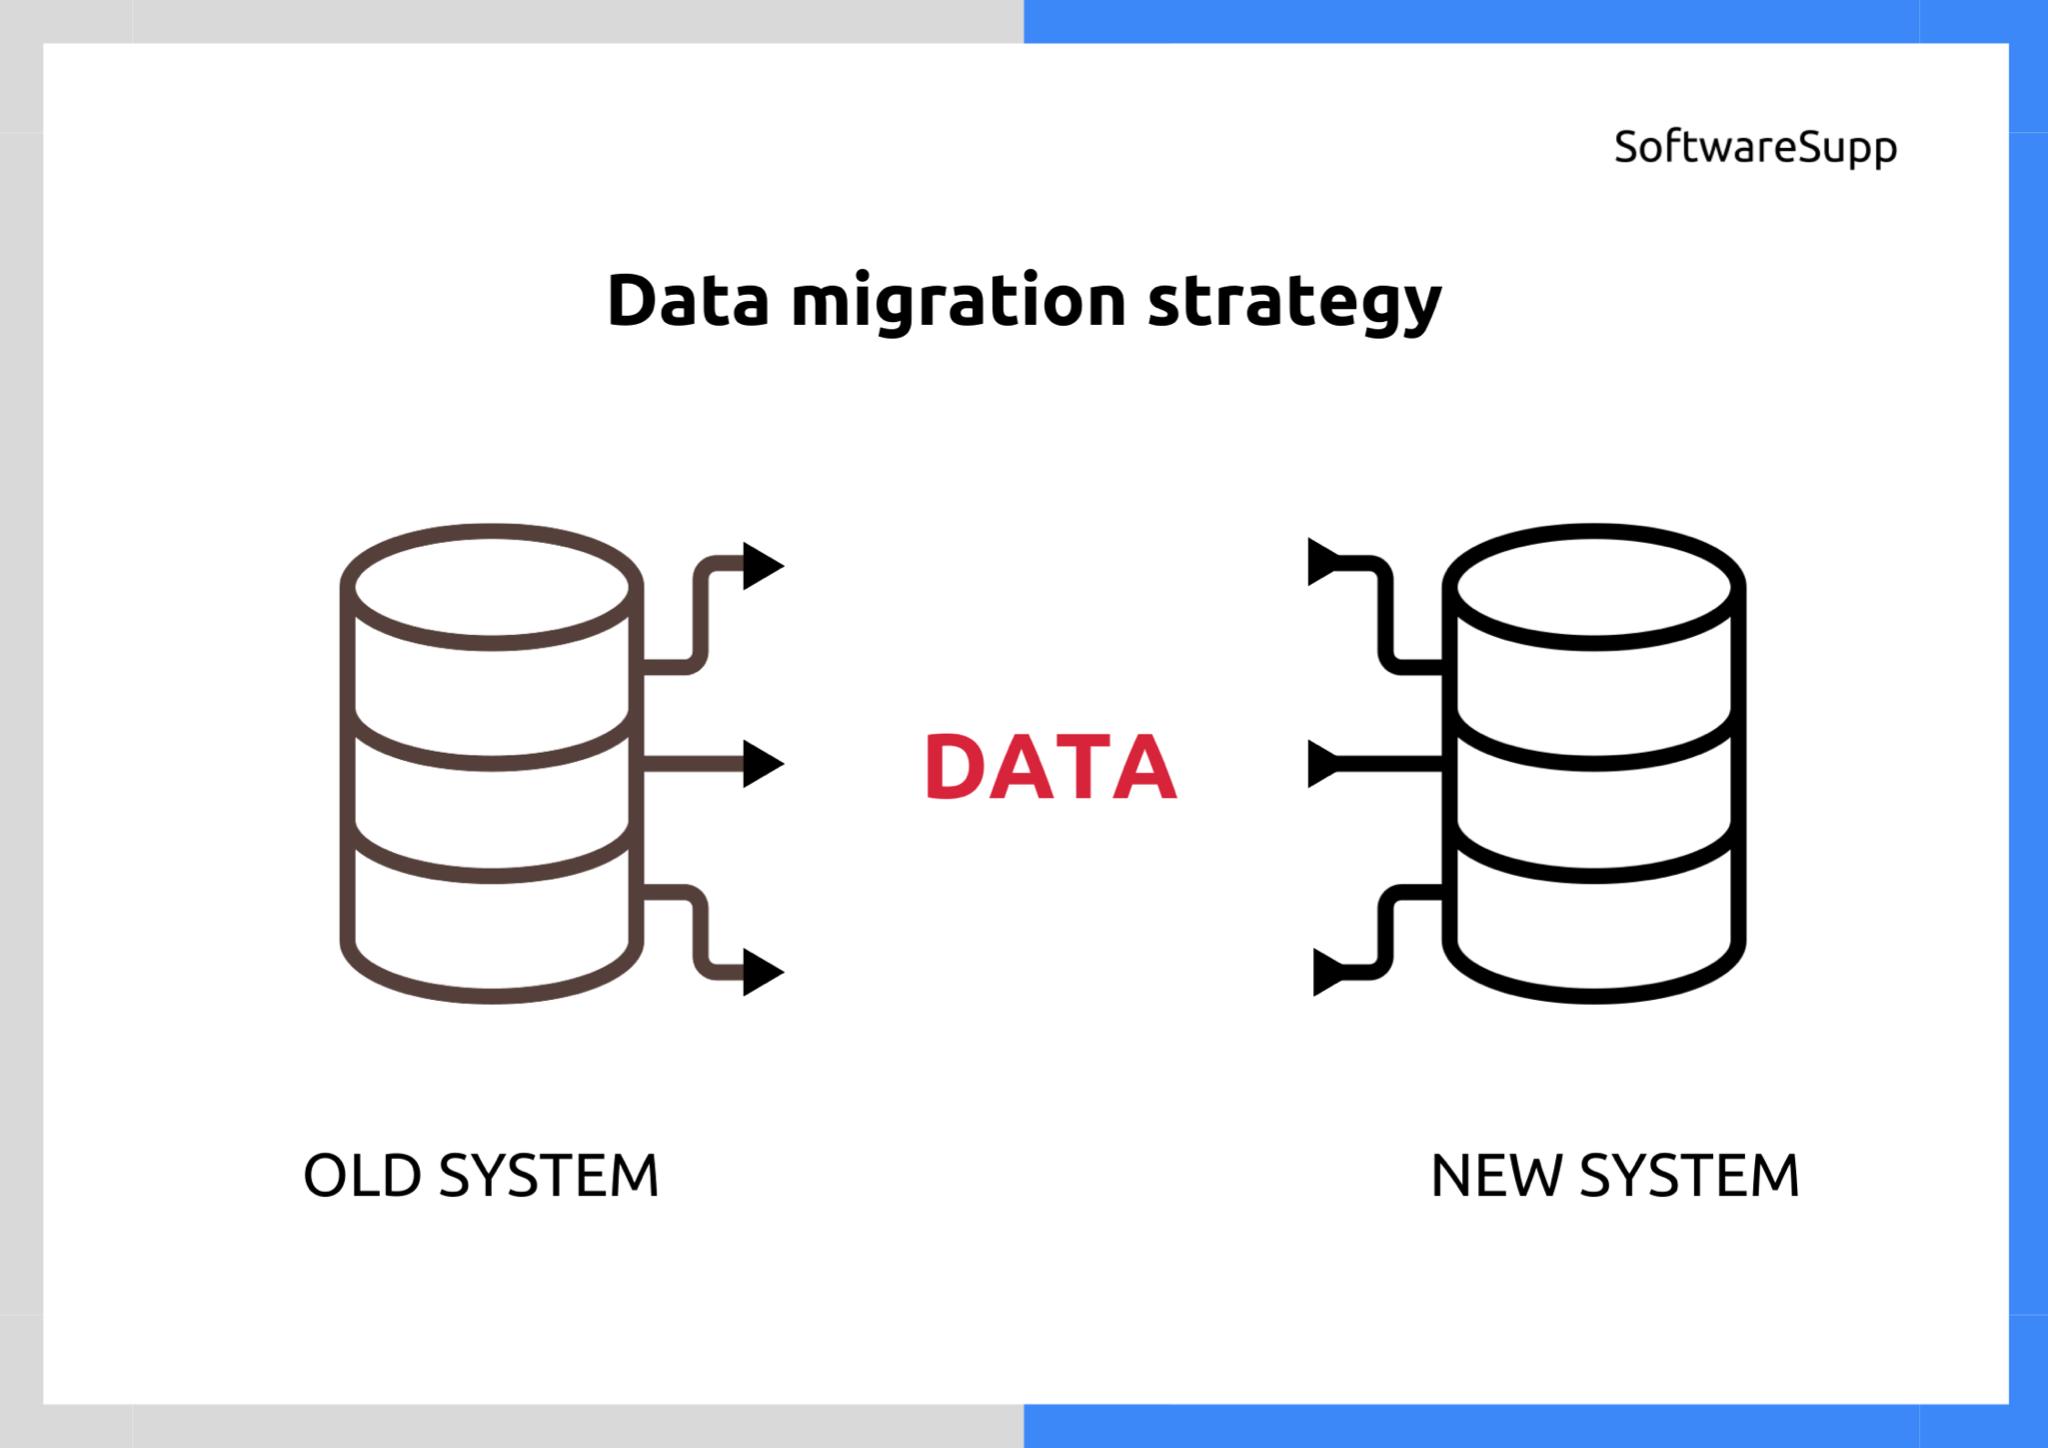 Data migration's outline